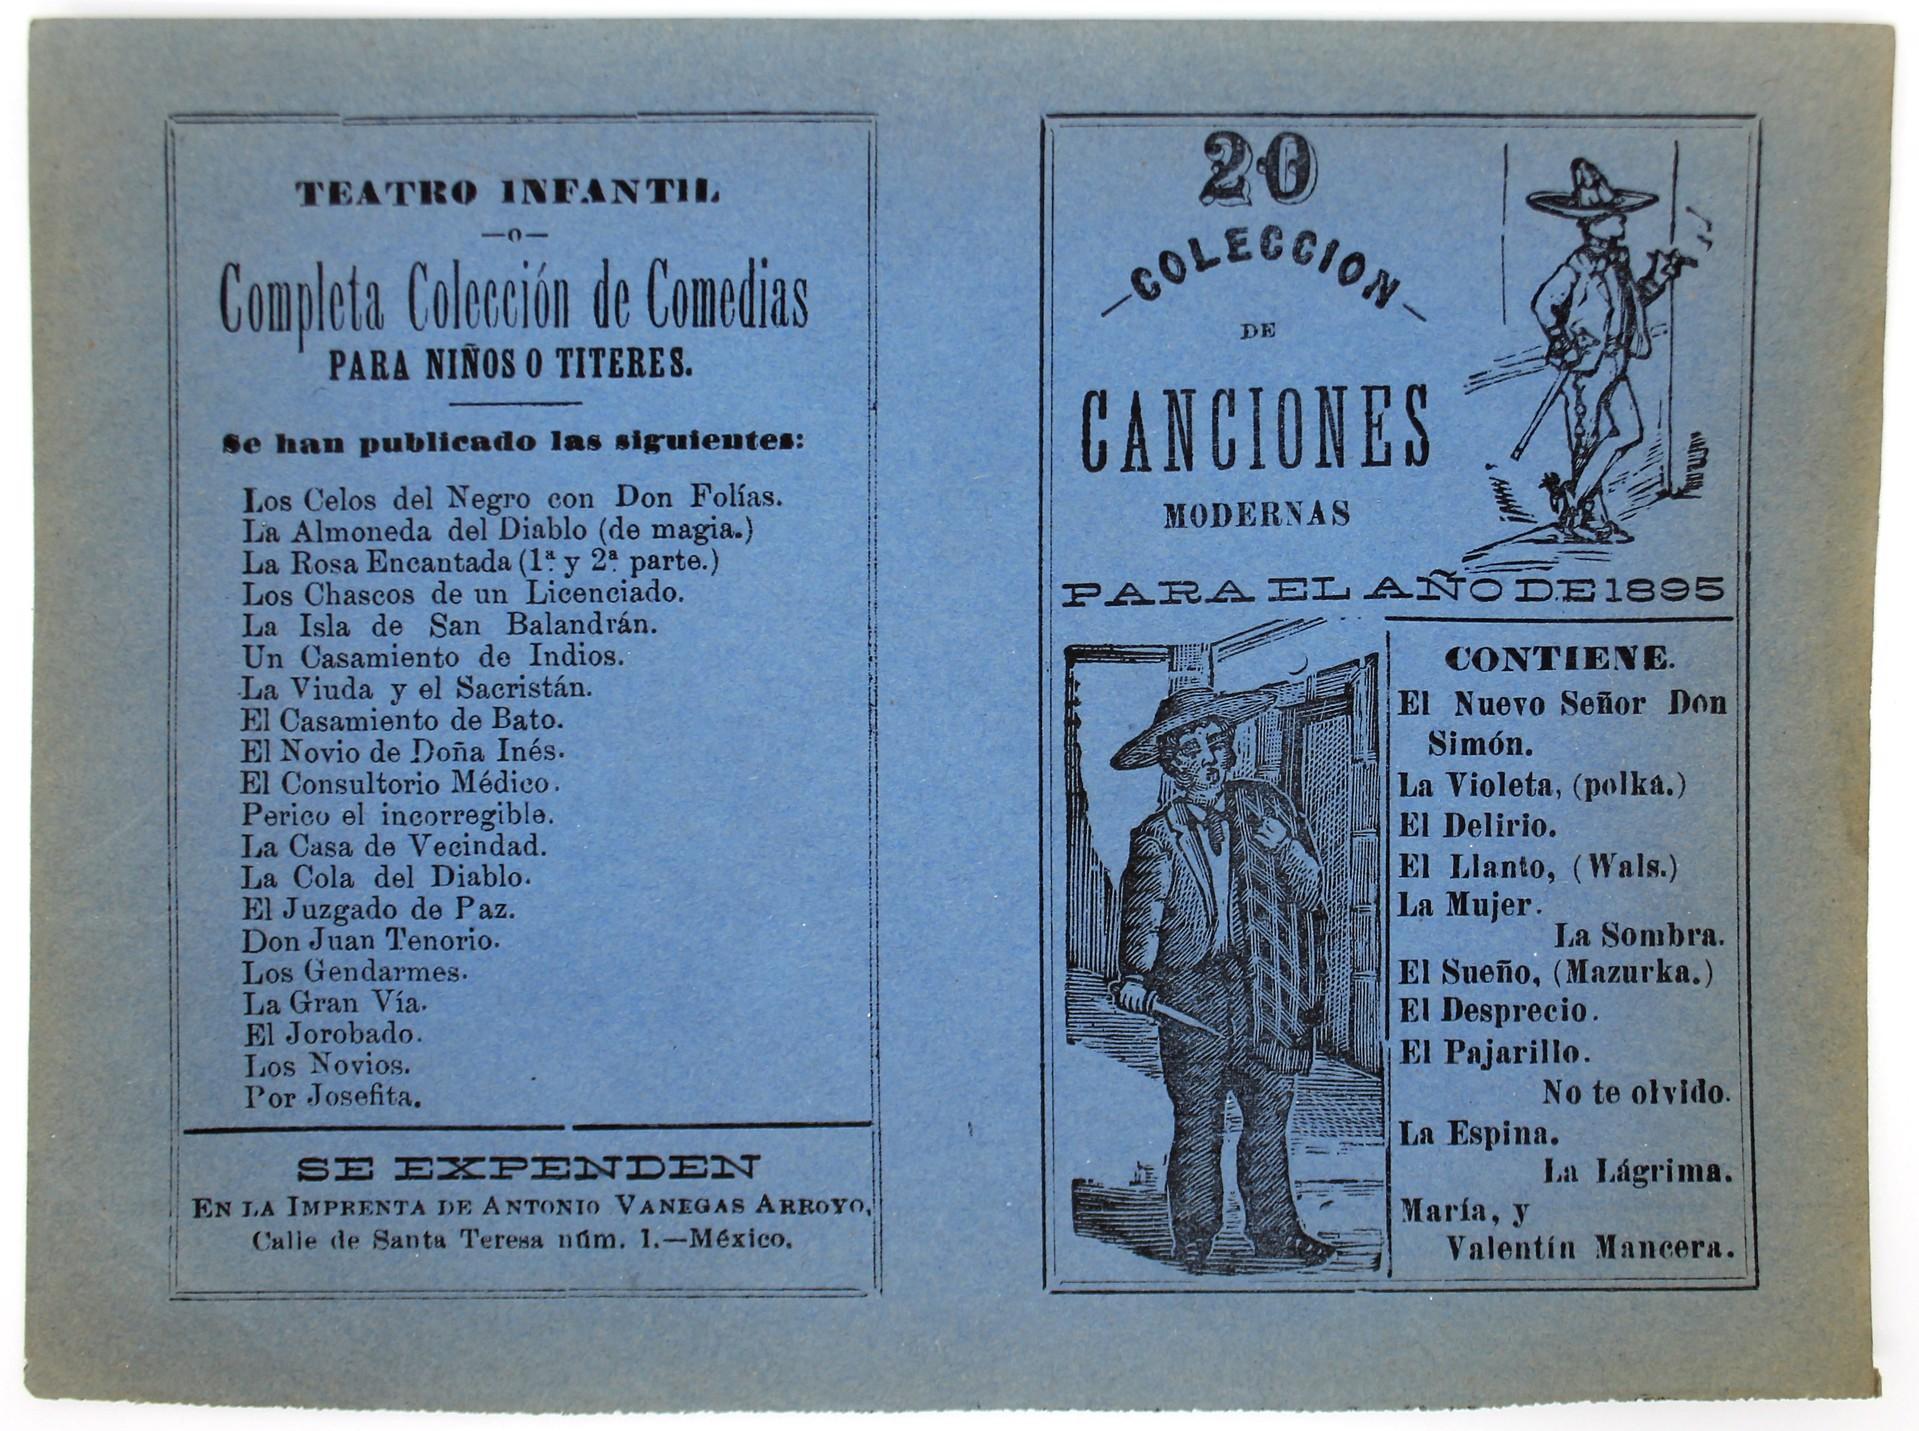 Coleccion de Canciones Modernas, No. 20 by José Guadalupe Posada (1852 - 1913)